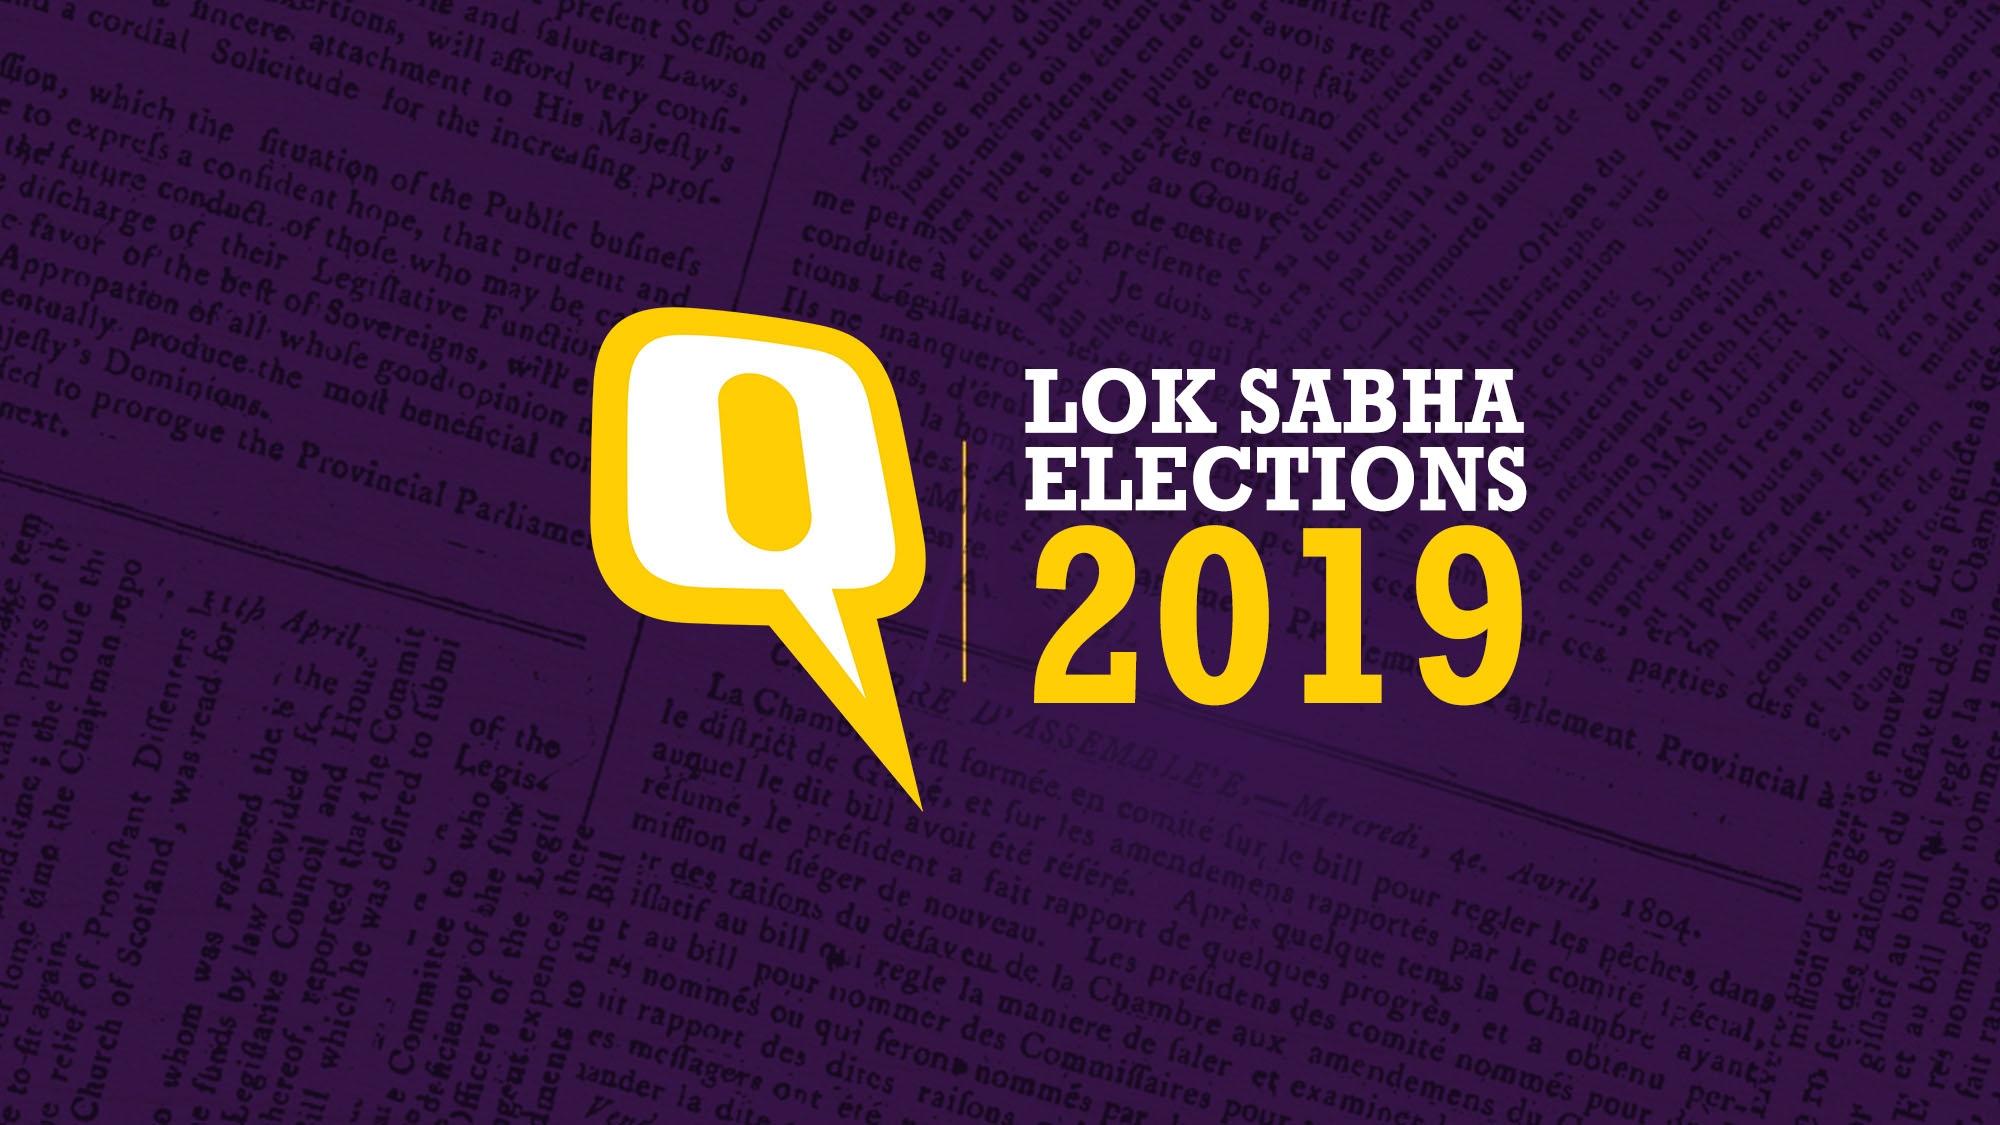 2019 లోక్సభ ఎన్నికల తాజా వార్తల నవీకరణలను ఇక్కడ పొందండి.